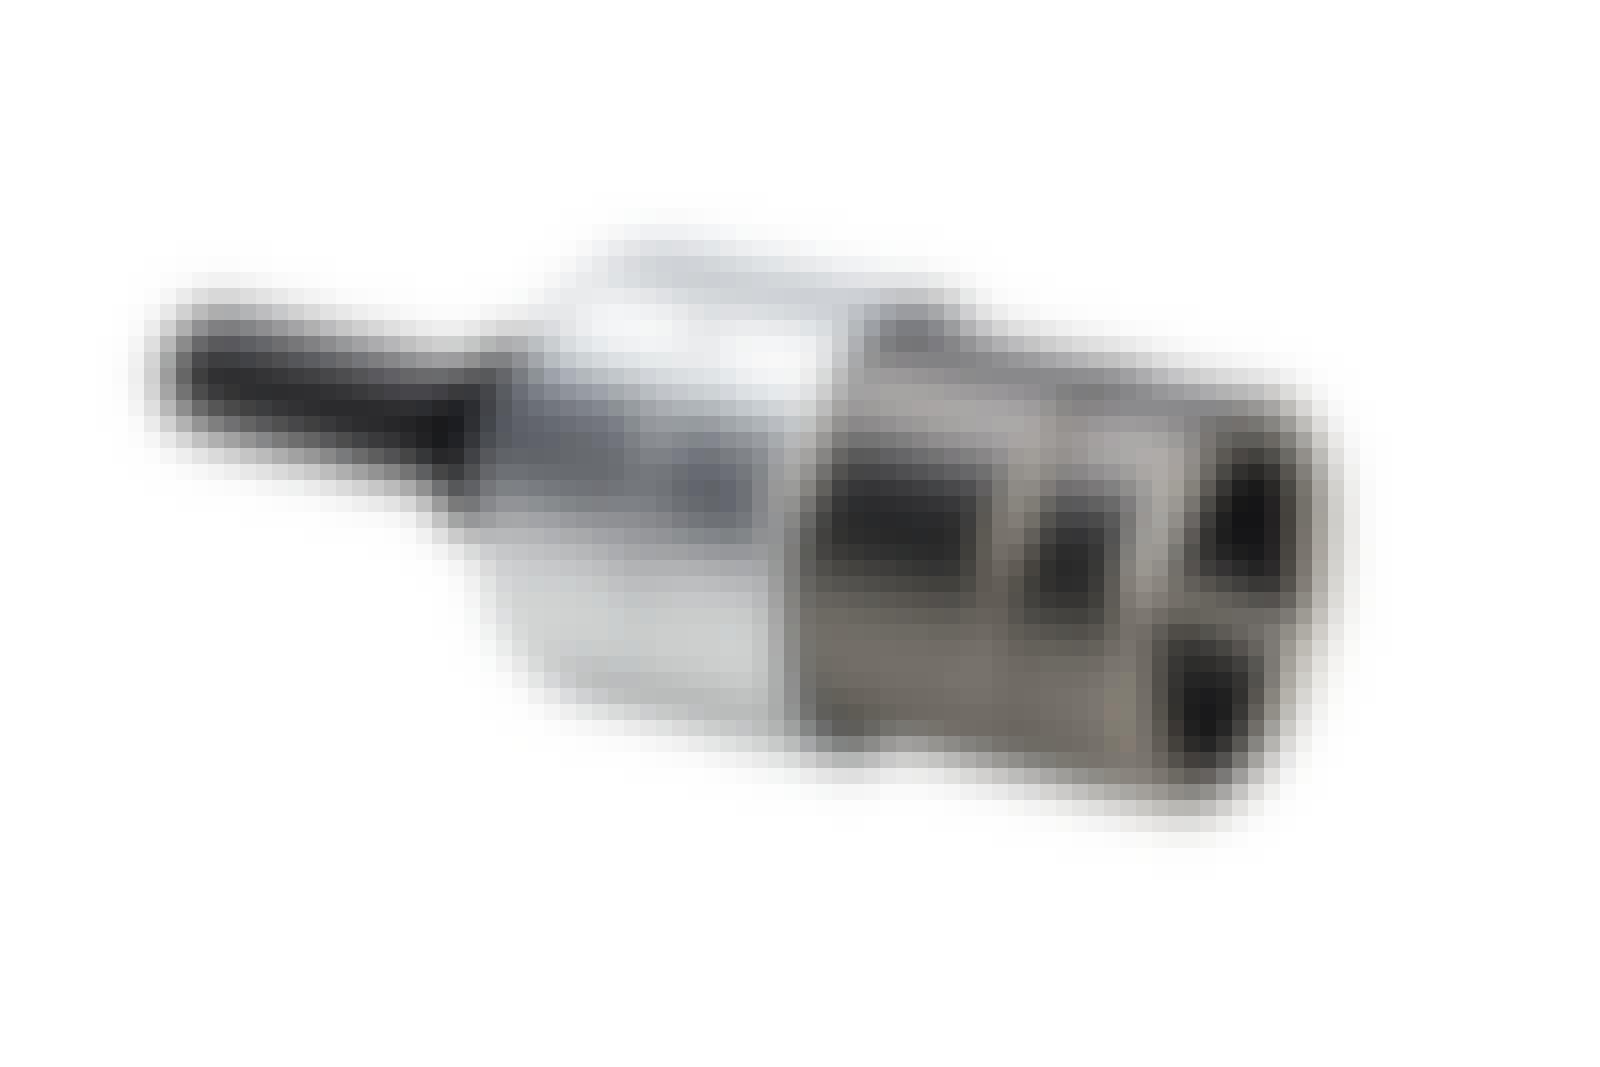 Gipsskruemaskine: Et billigt alternativ til en gipsskruemaskine